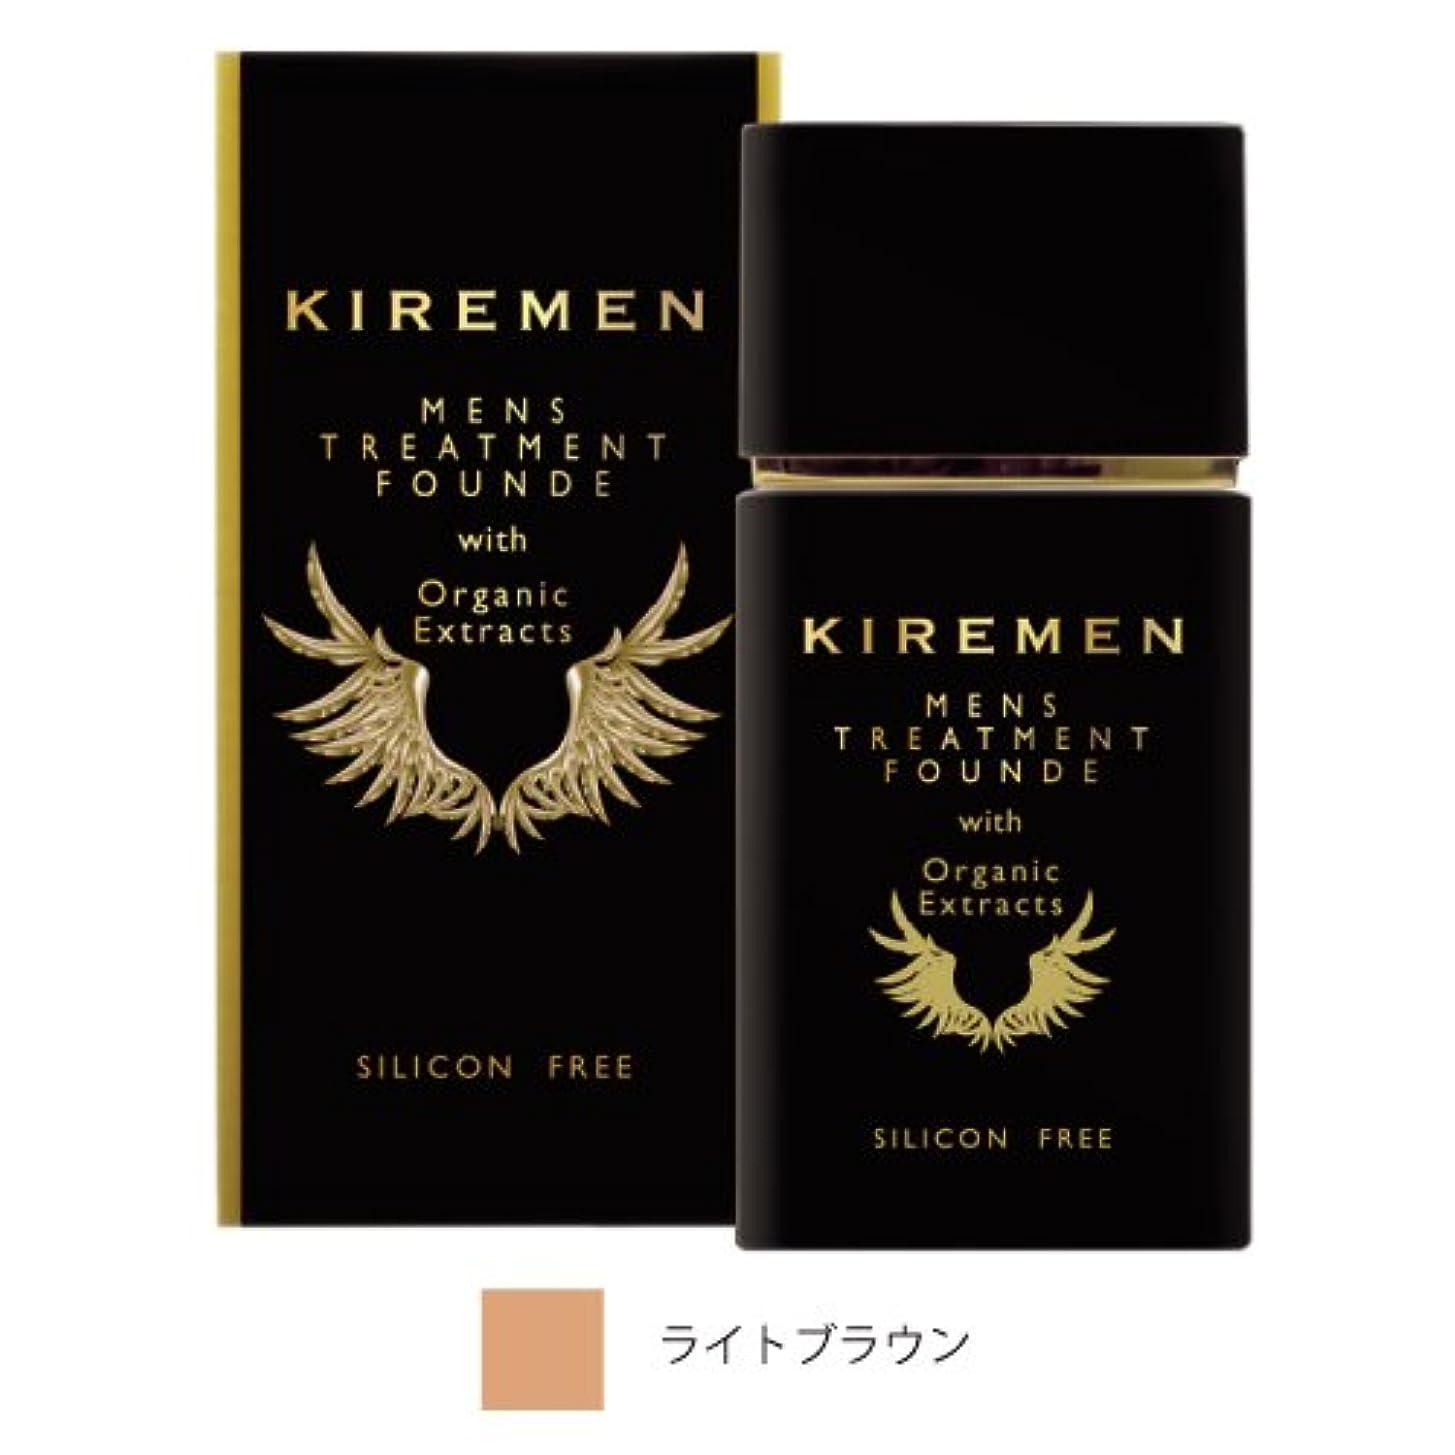 プライム器官冒険キレメン KIREMEN メンズファンデーション (ライトブラウン)